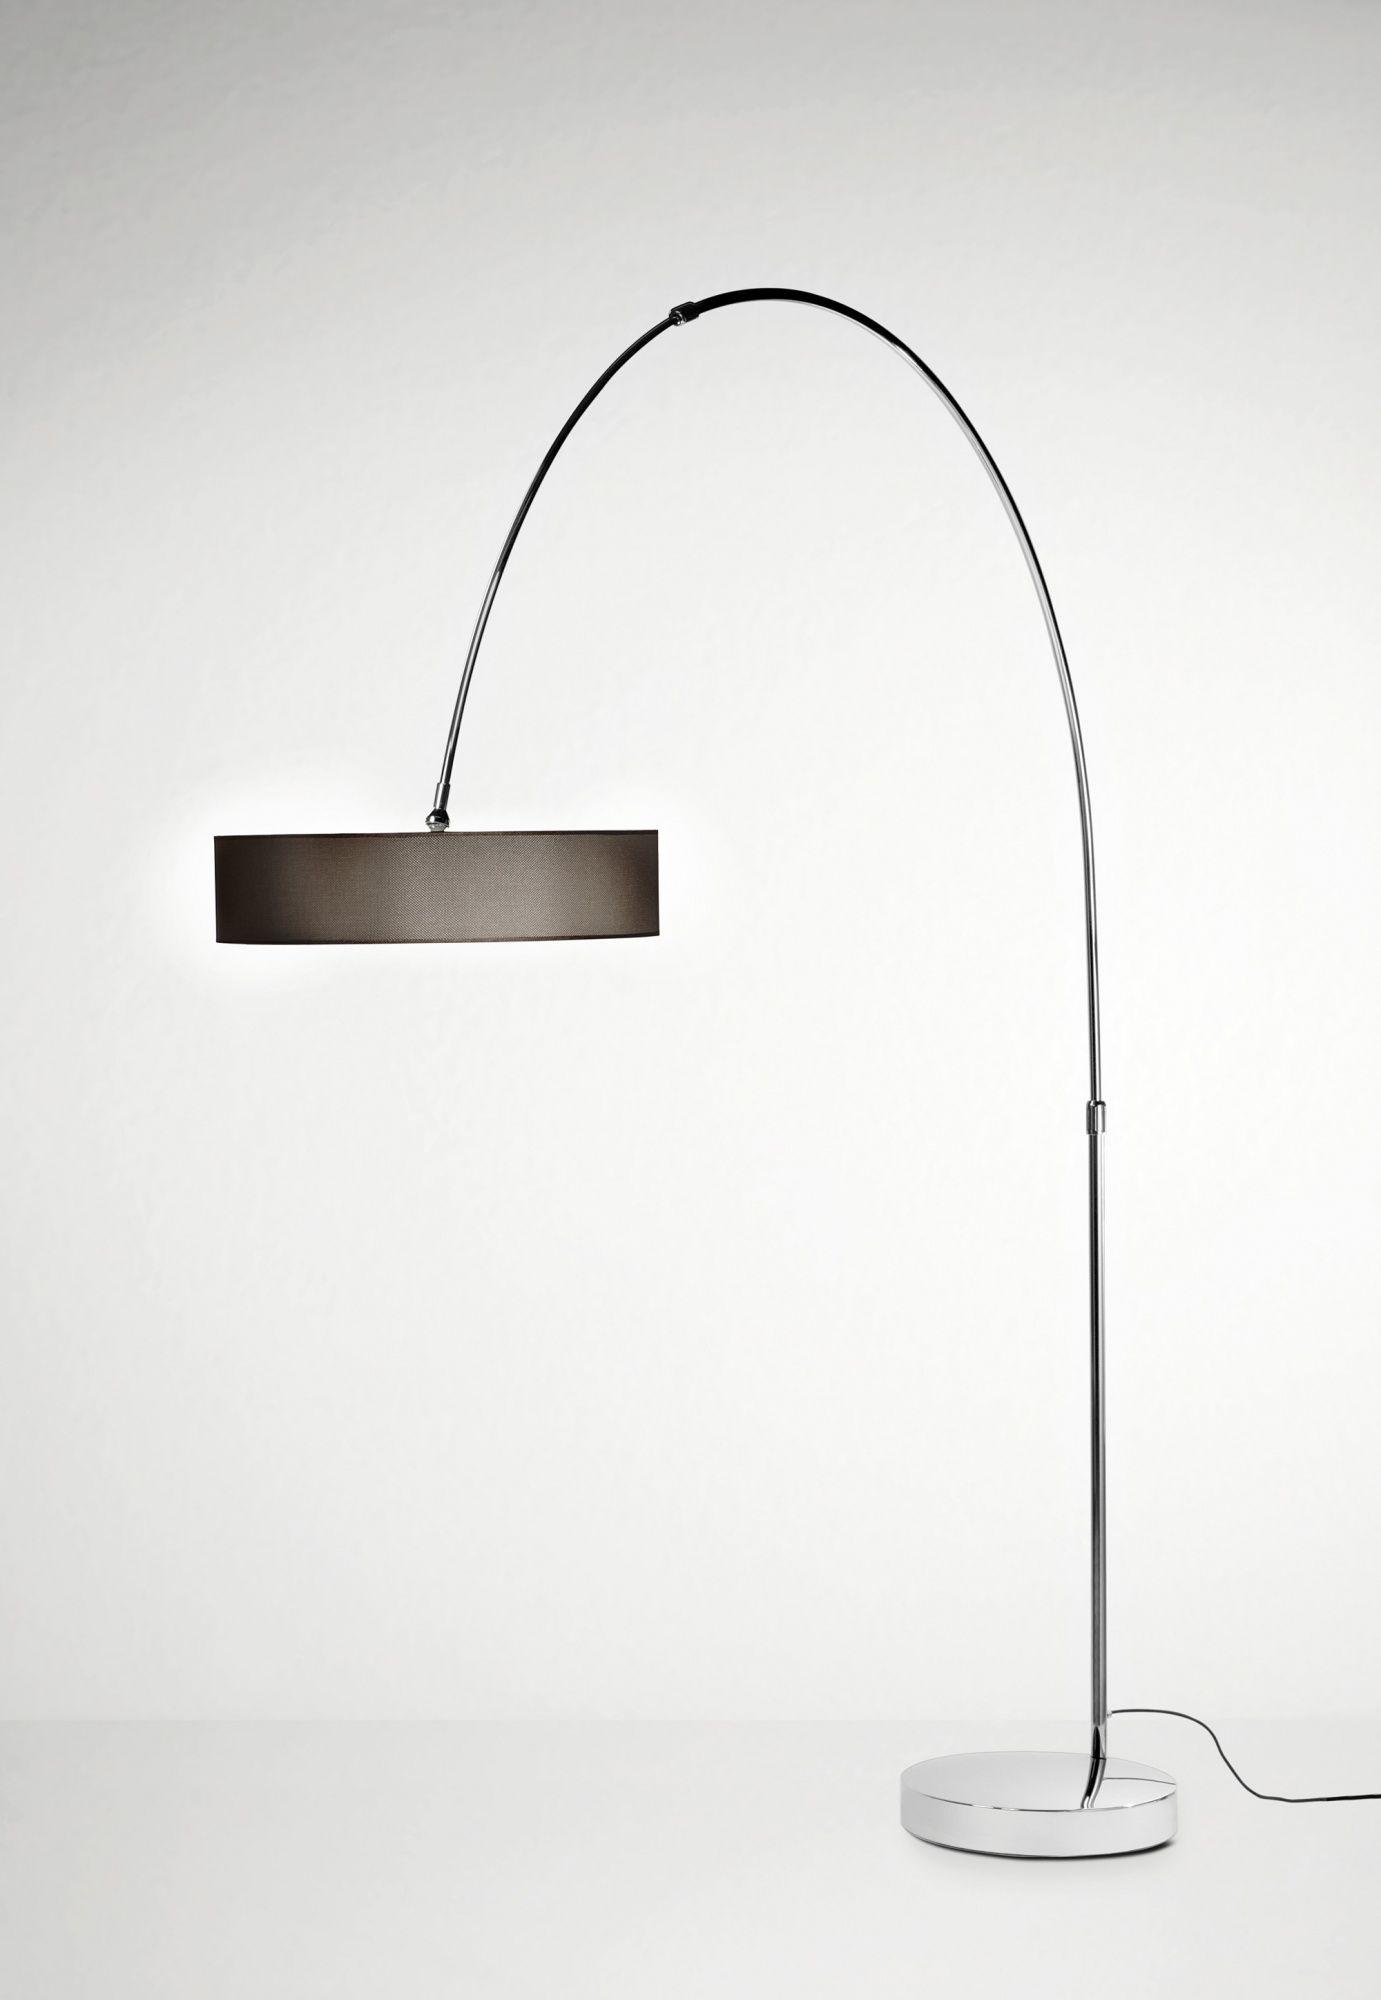 Lampa podłogowa Iris P-2718 Estiluz elegancka oprawa w nowoczesnym stylu